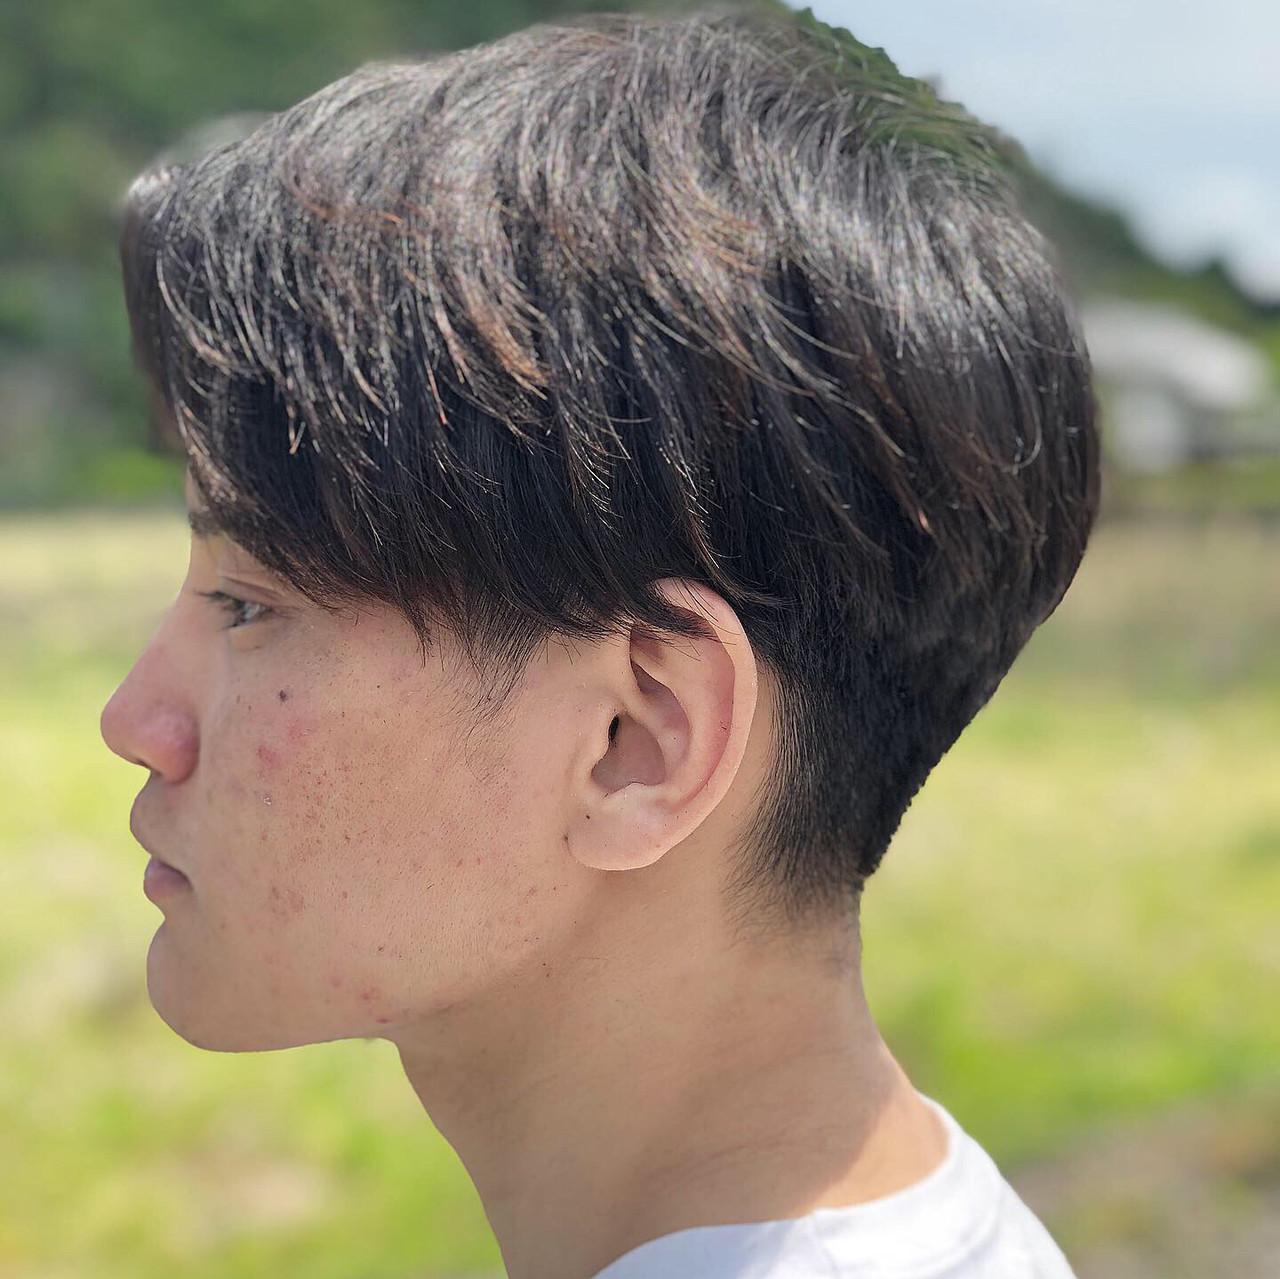 黒髪 モード メンズカット メンズヘア ヘアスタイルや髪型の写真・画像